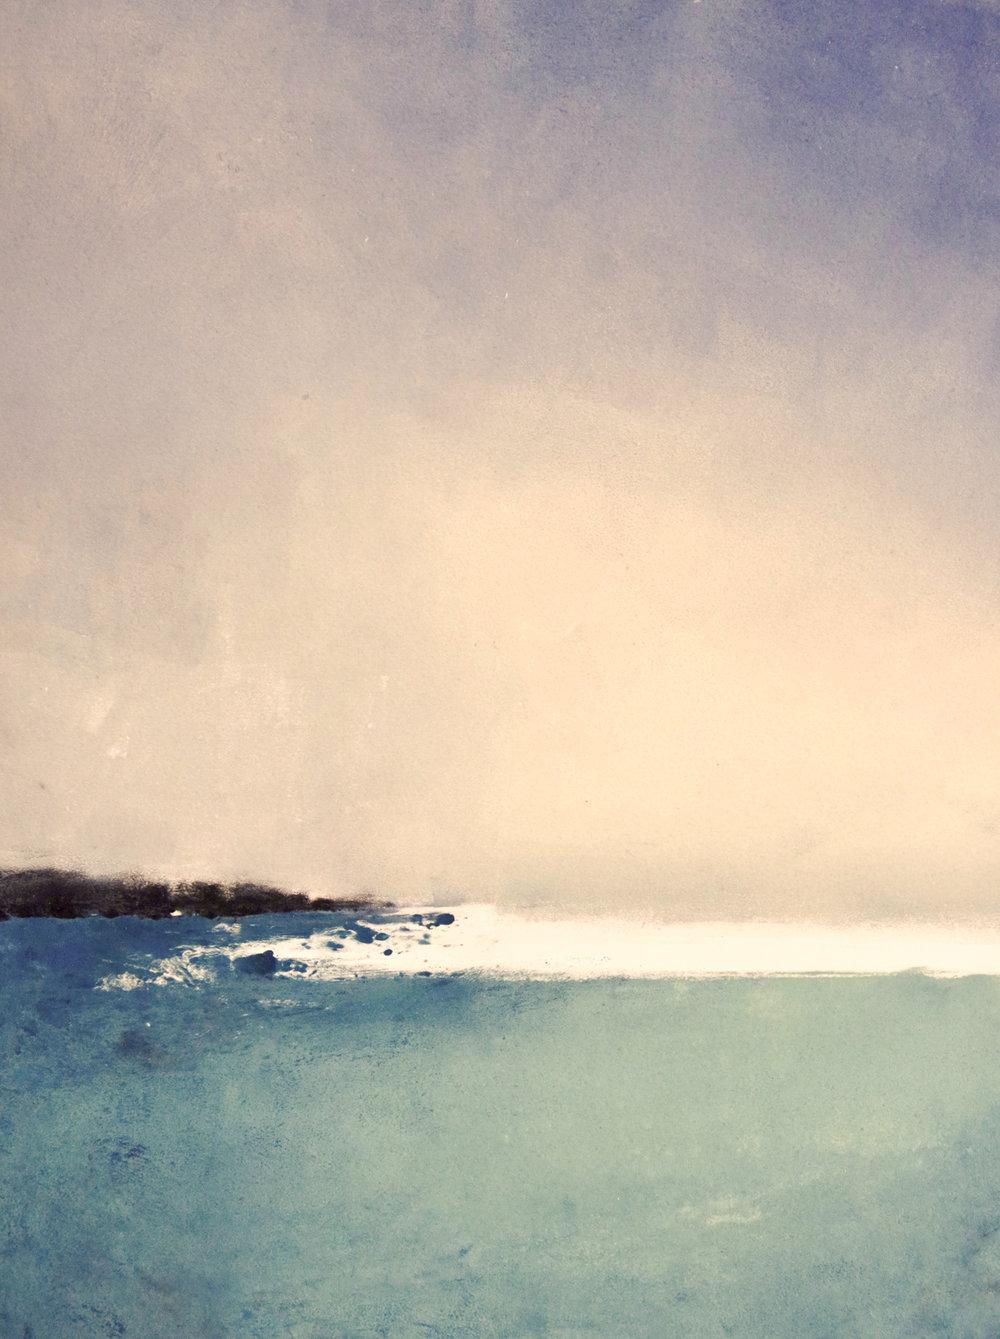 Oceans041.jpg